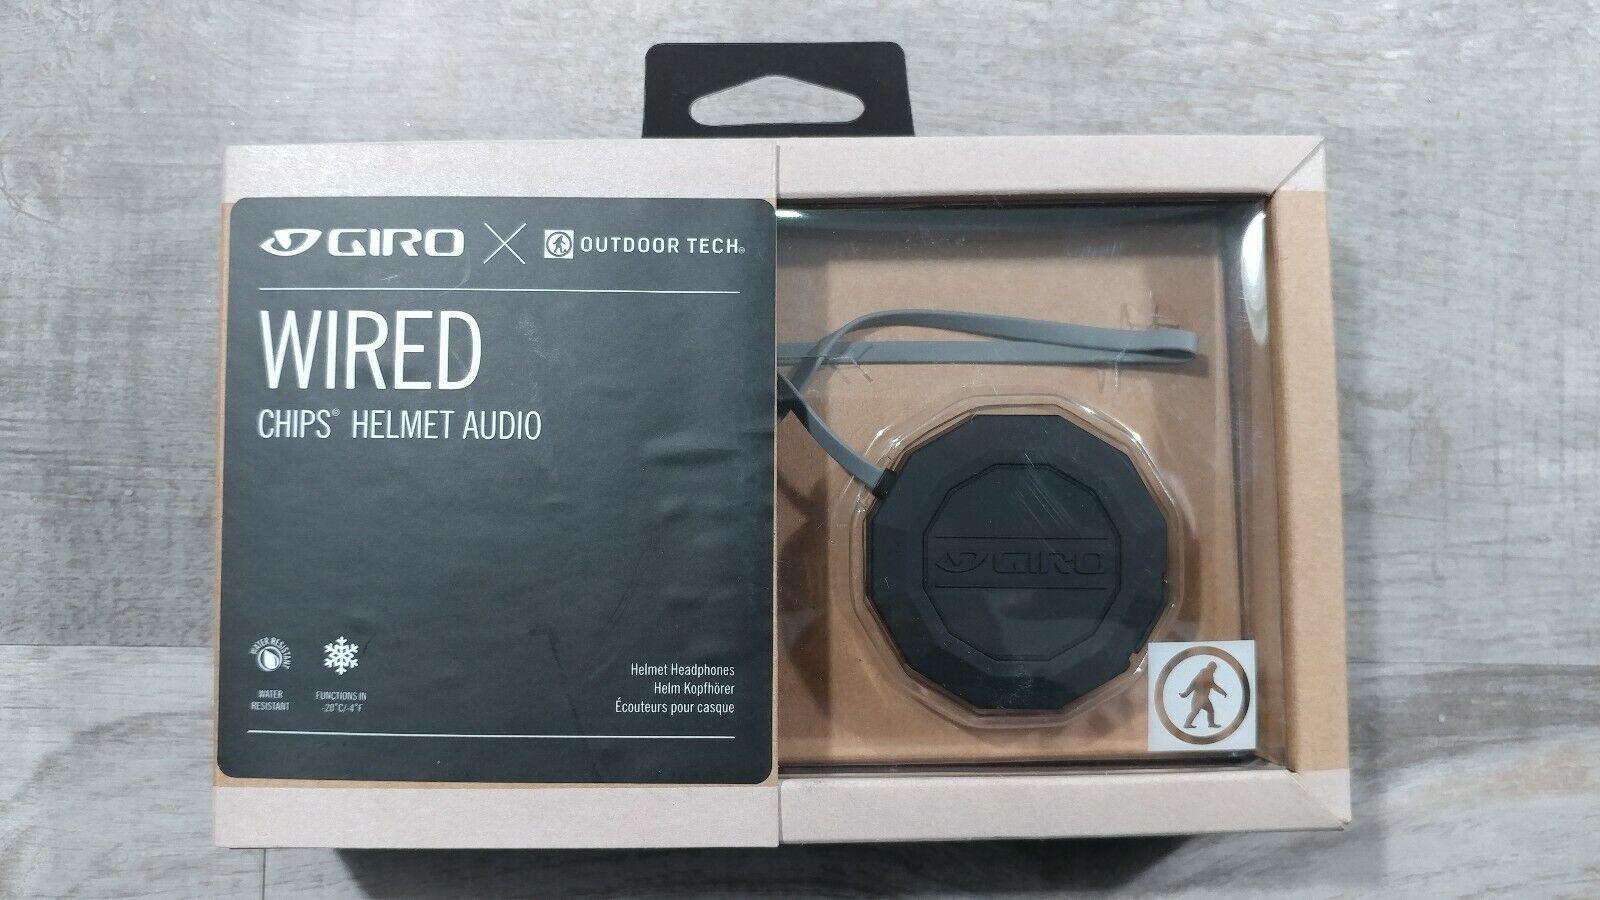 Giro Outdoor Tech Wired Audio Chips Helmet Headphones 8035422